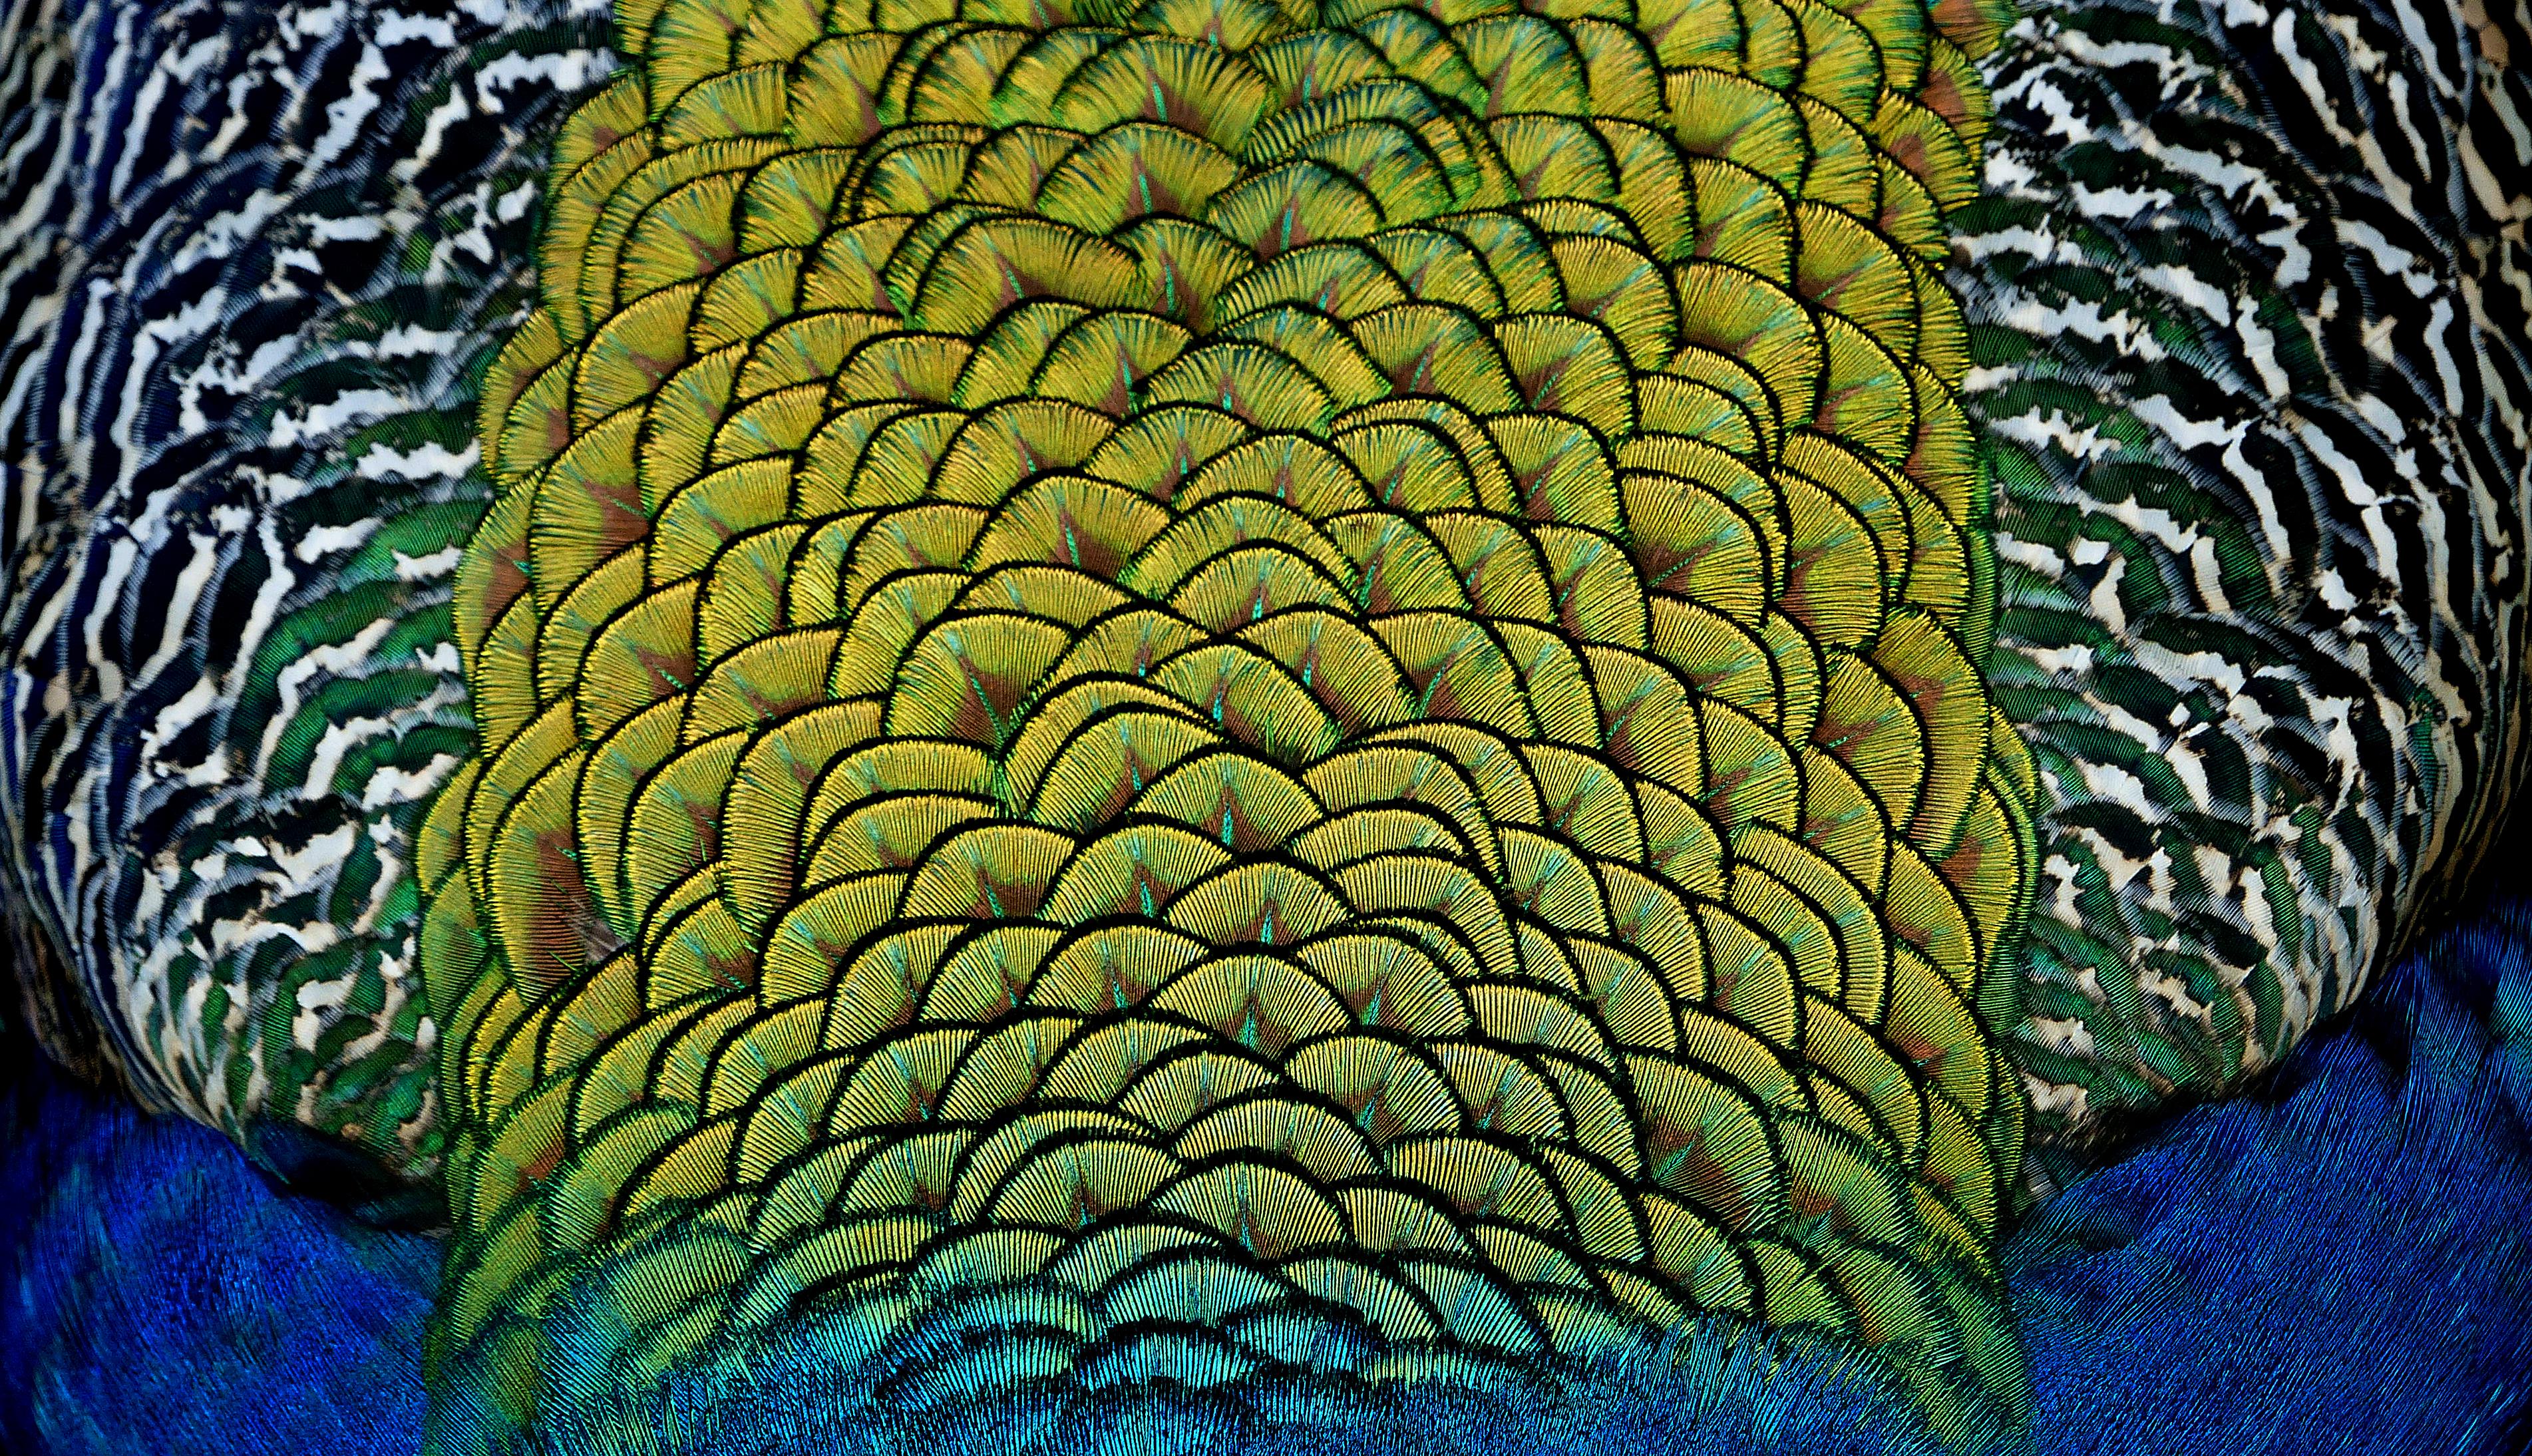 Poze Plantă Frunze Floare Verde Junglă Culoare